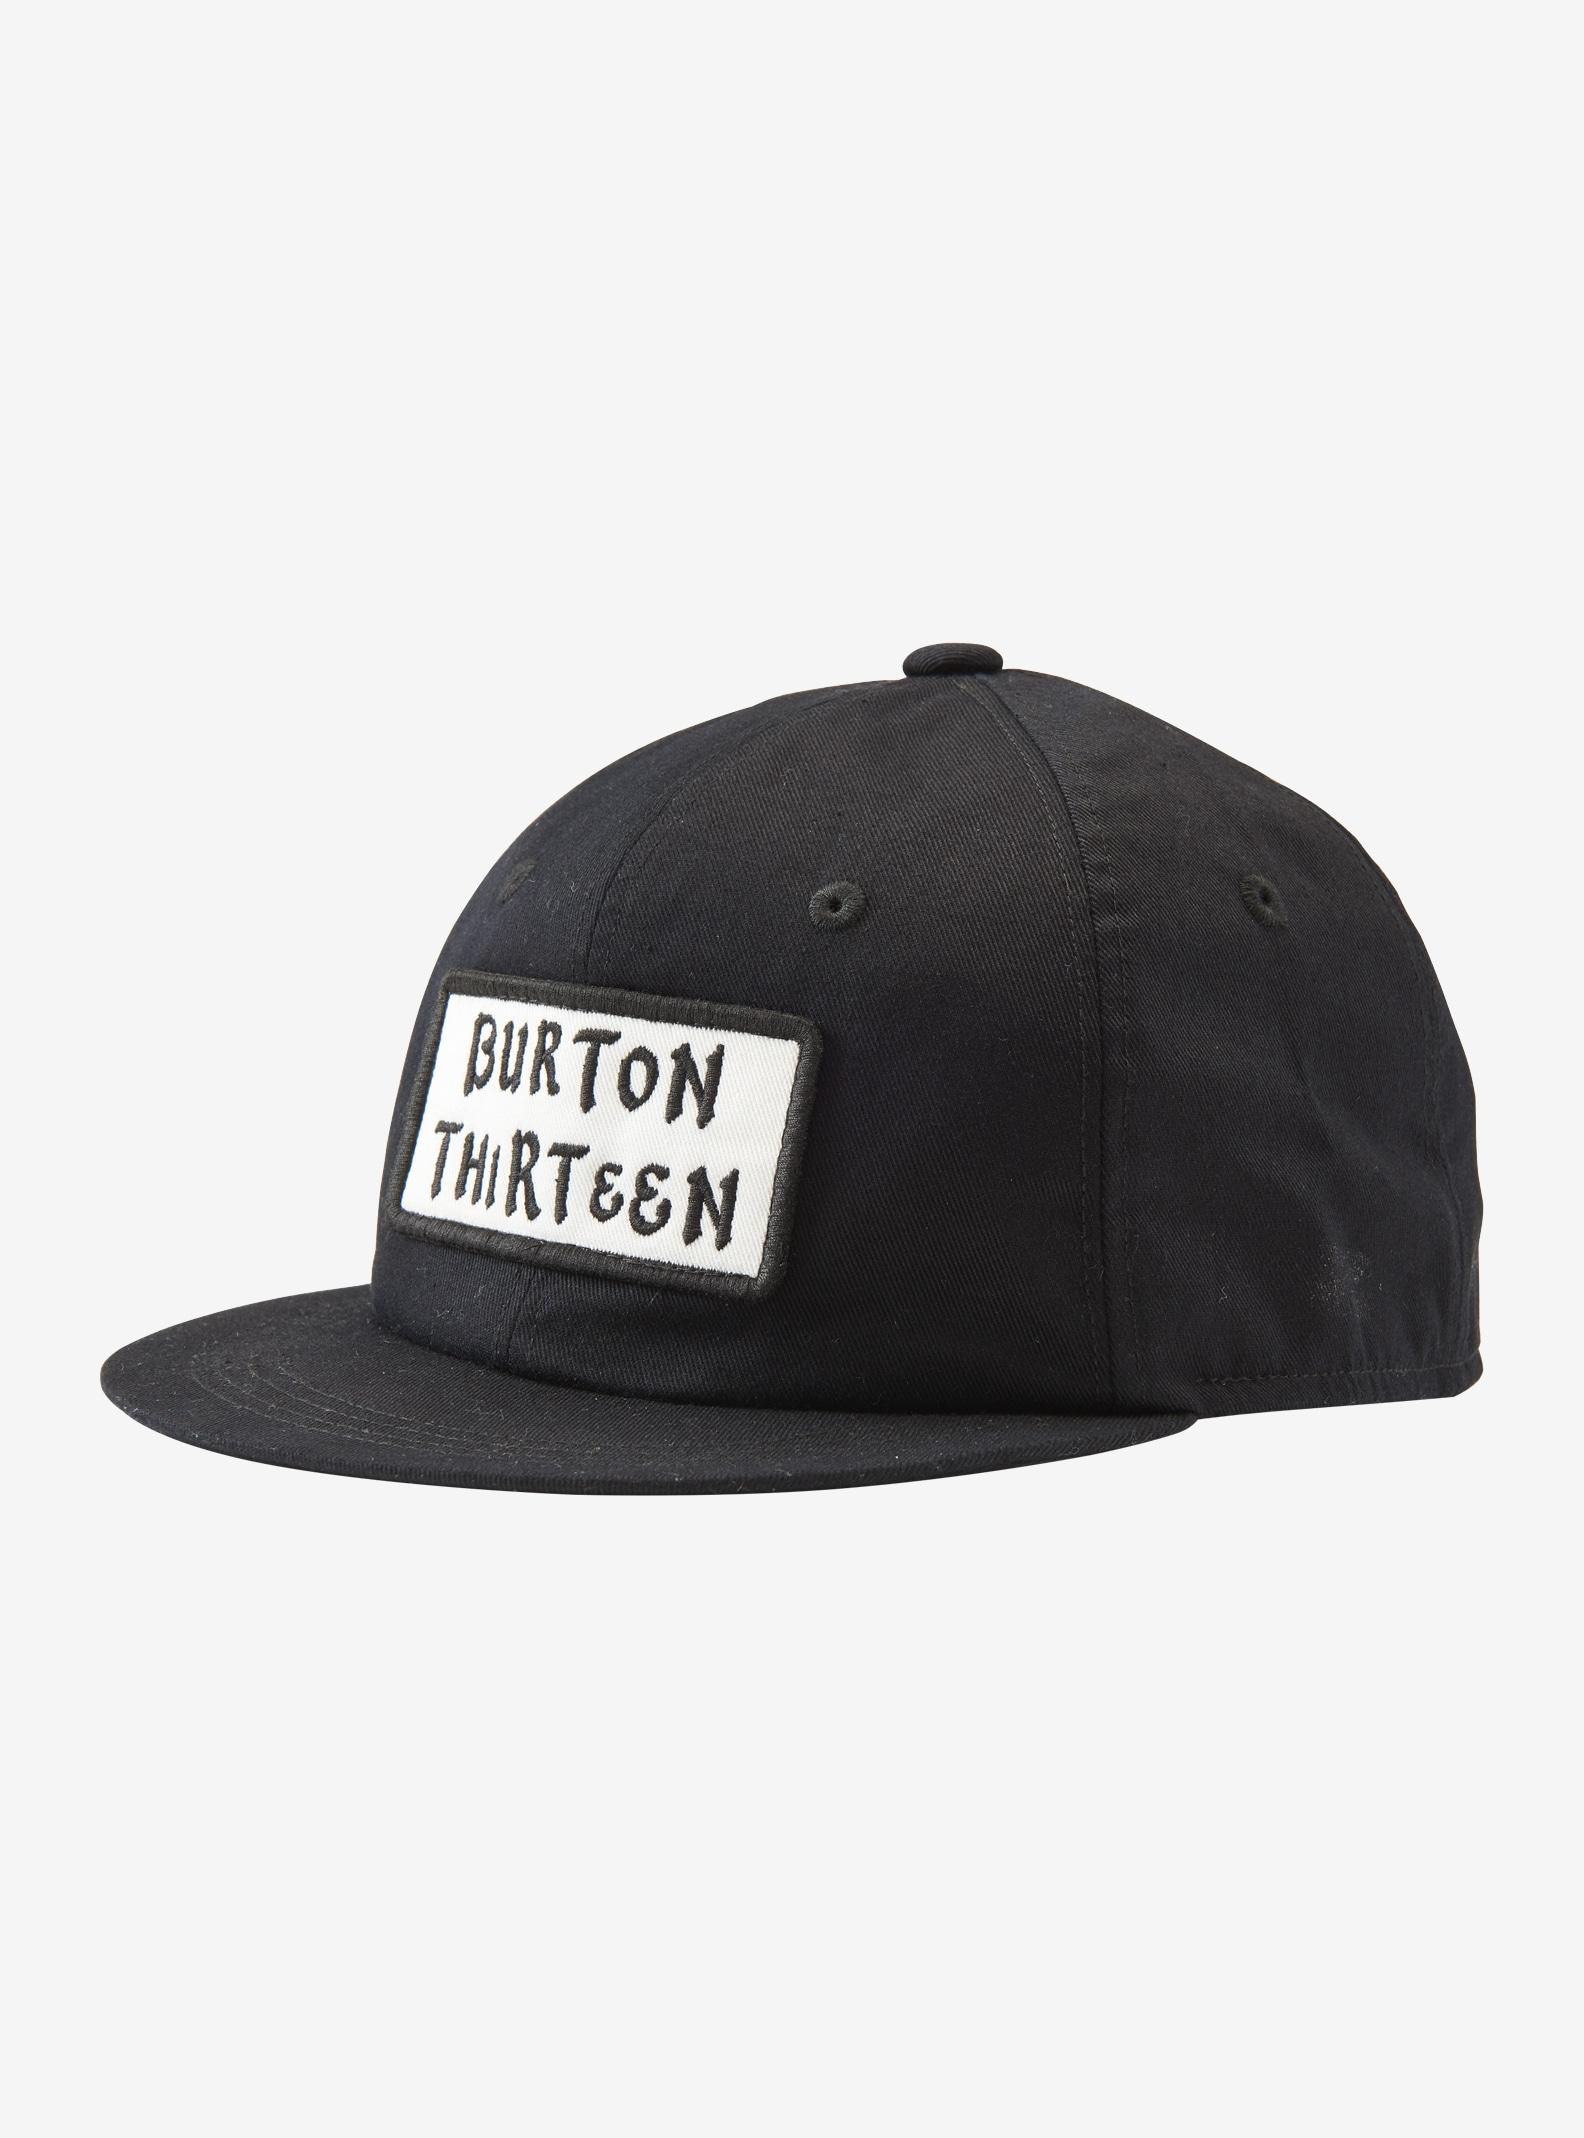 Burton THIRTEEN Podarge shown in Black